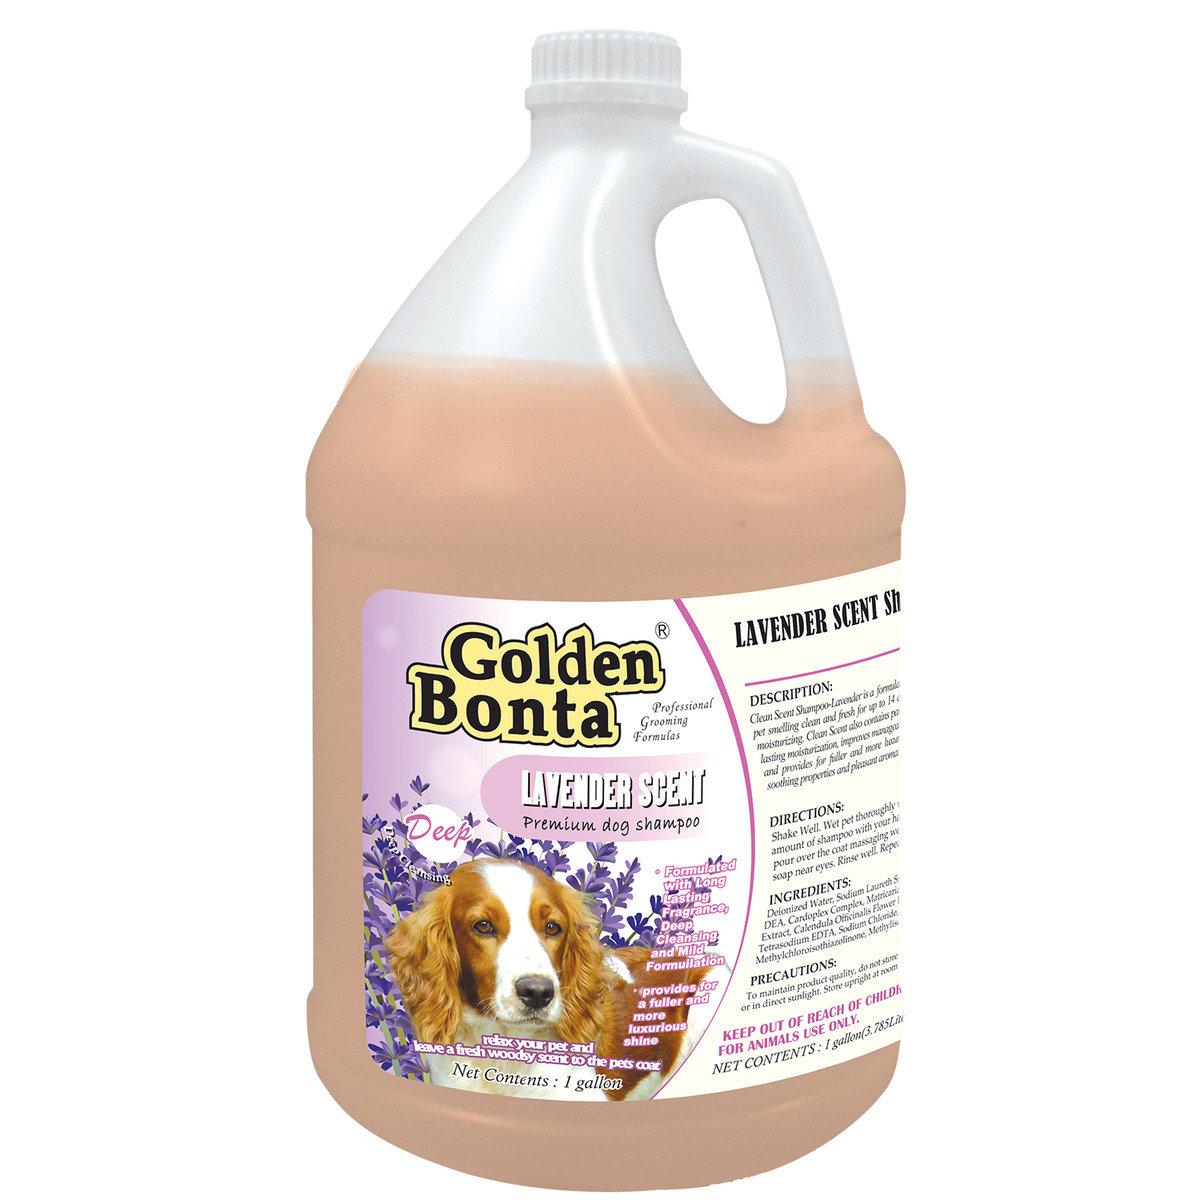 薰衣草深層潔淨洗毛精 1加侖